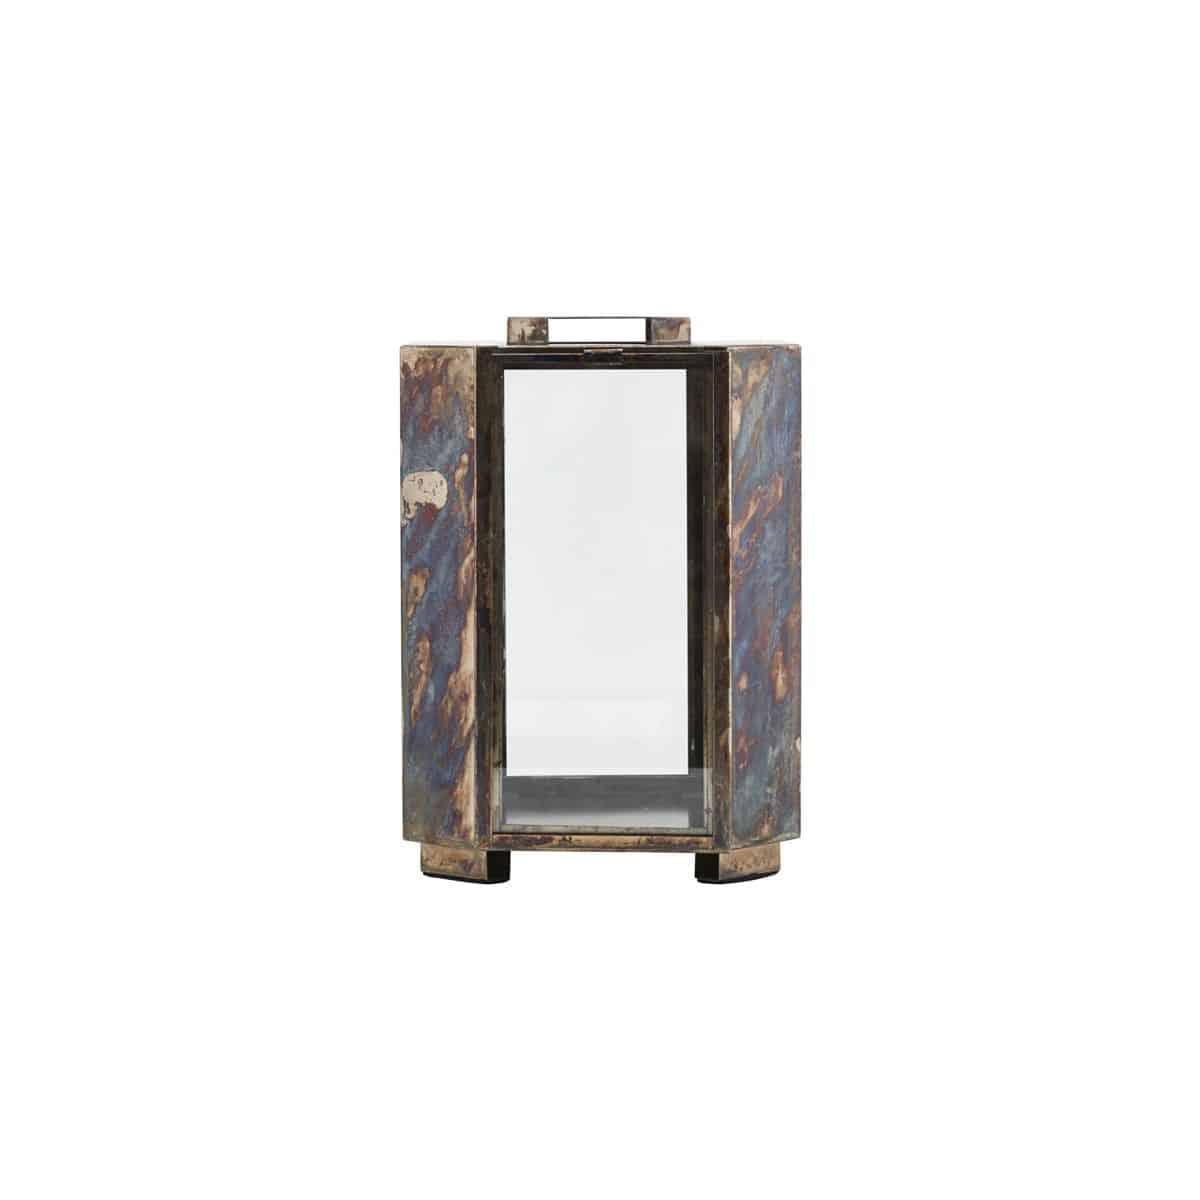 Sada 2 ks: Železná lucerna Baazi – 28 cm